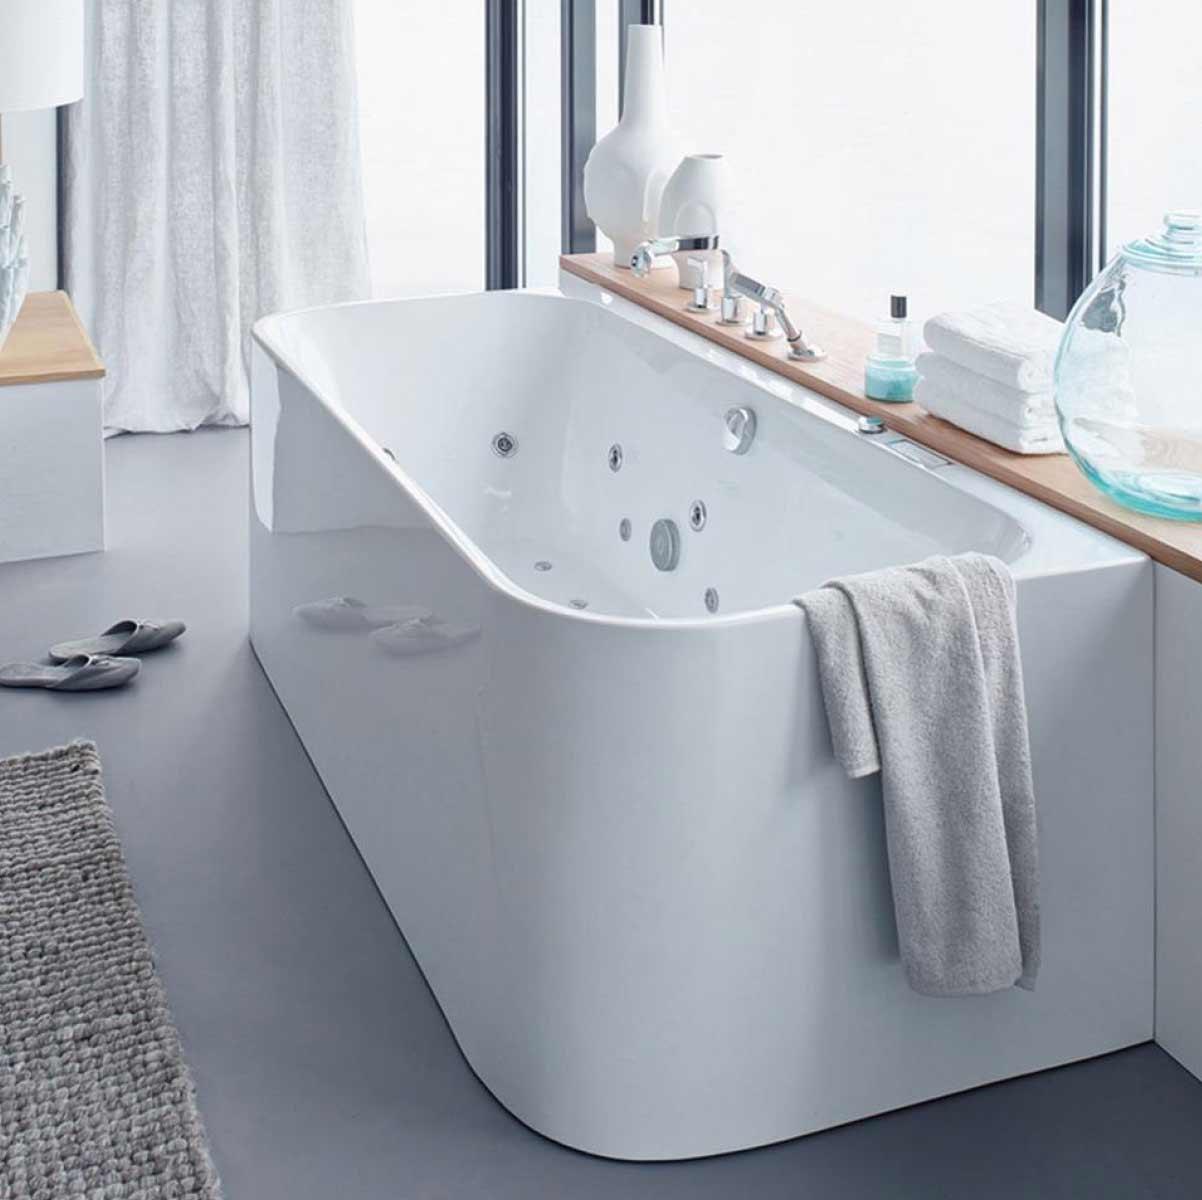 Duravit happy d 2 - Vasca da bagno duravit ...